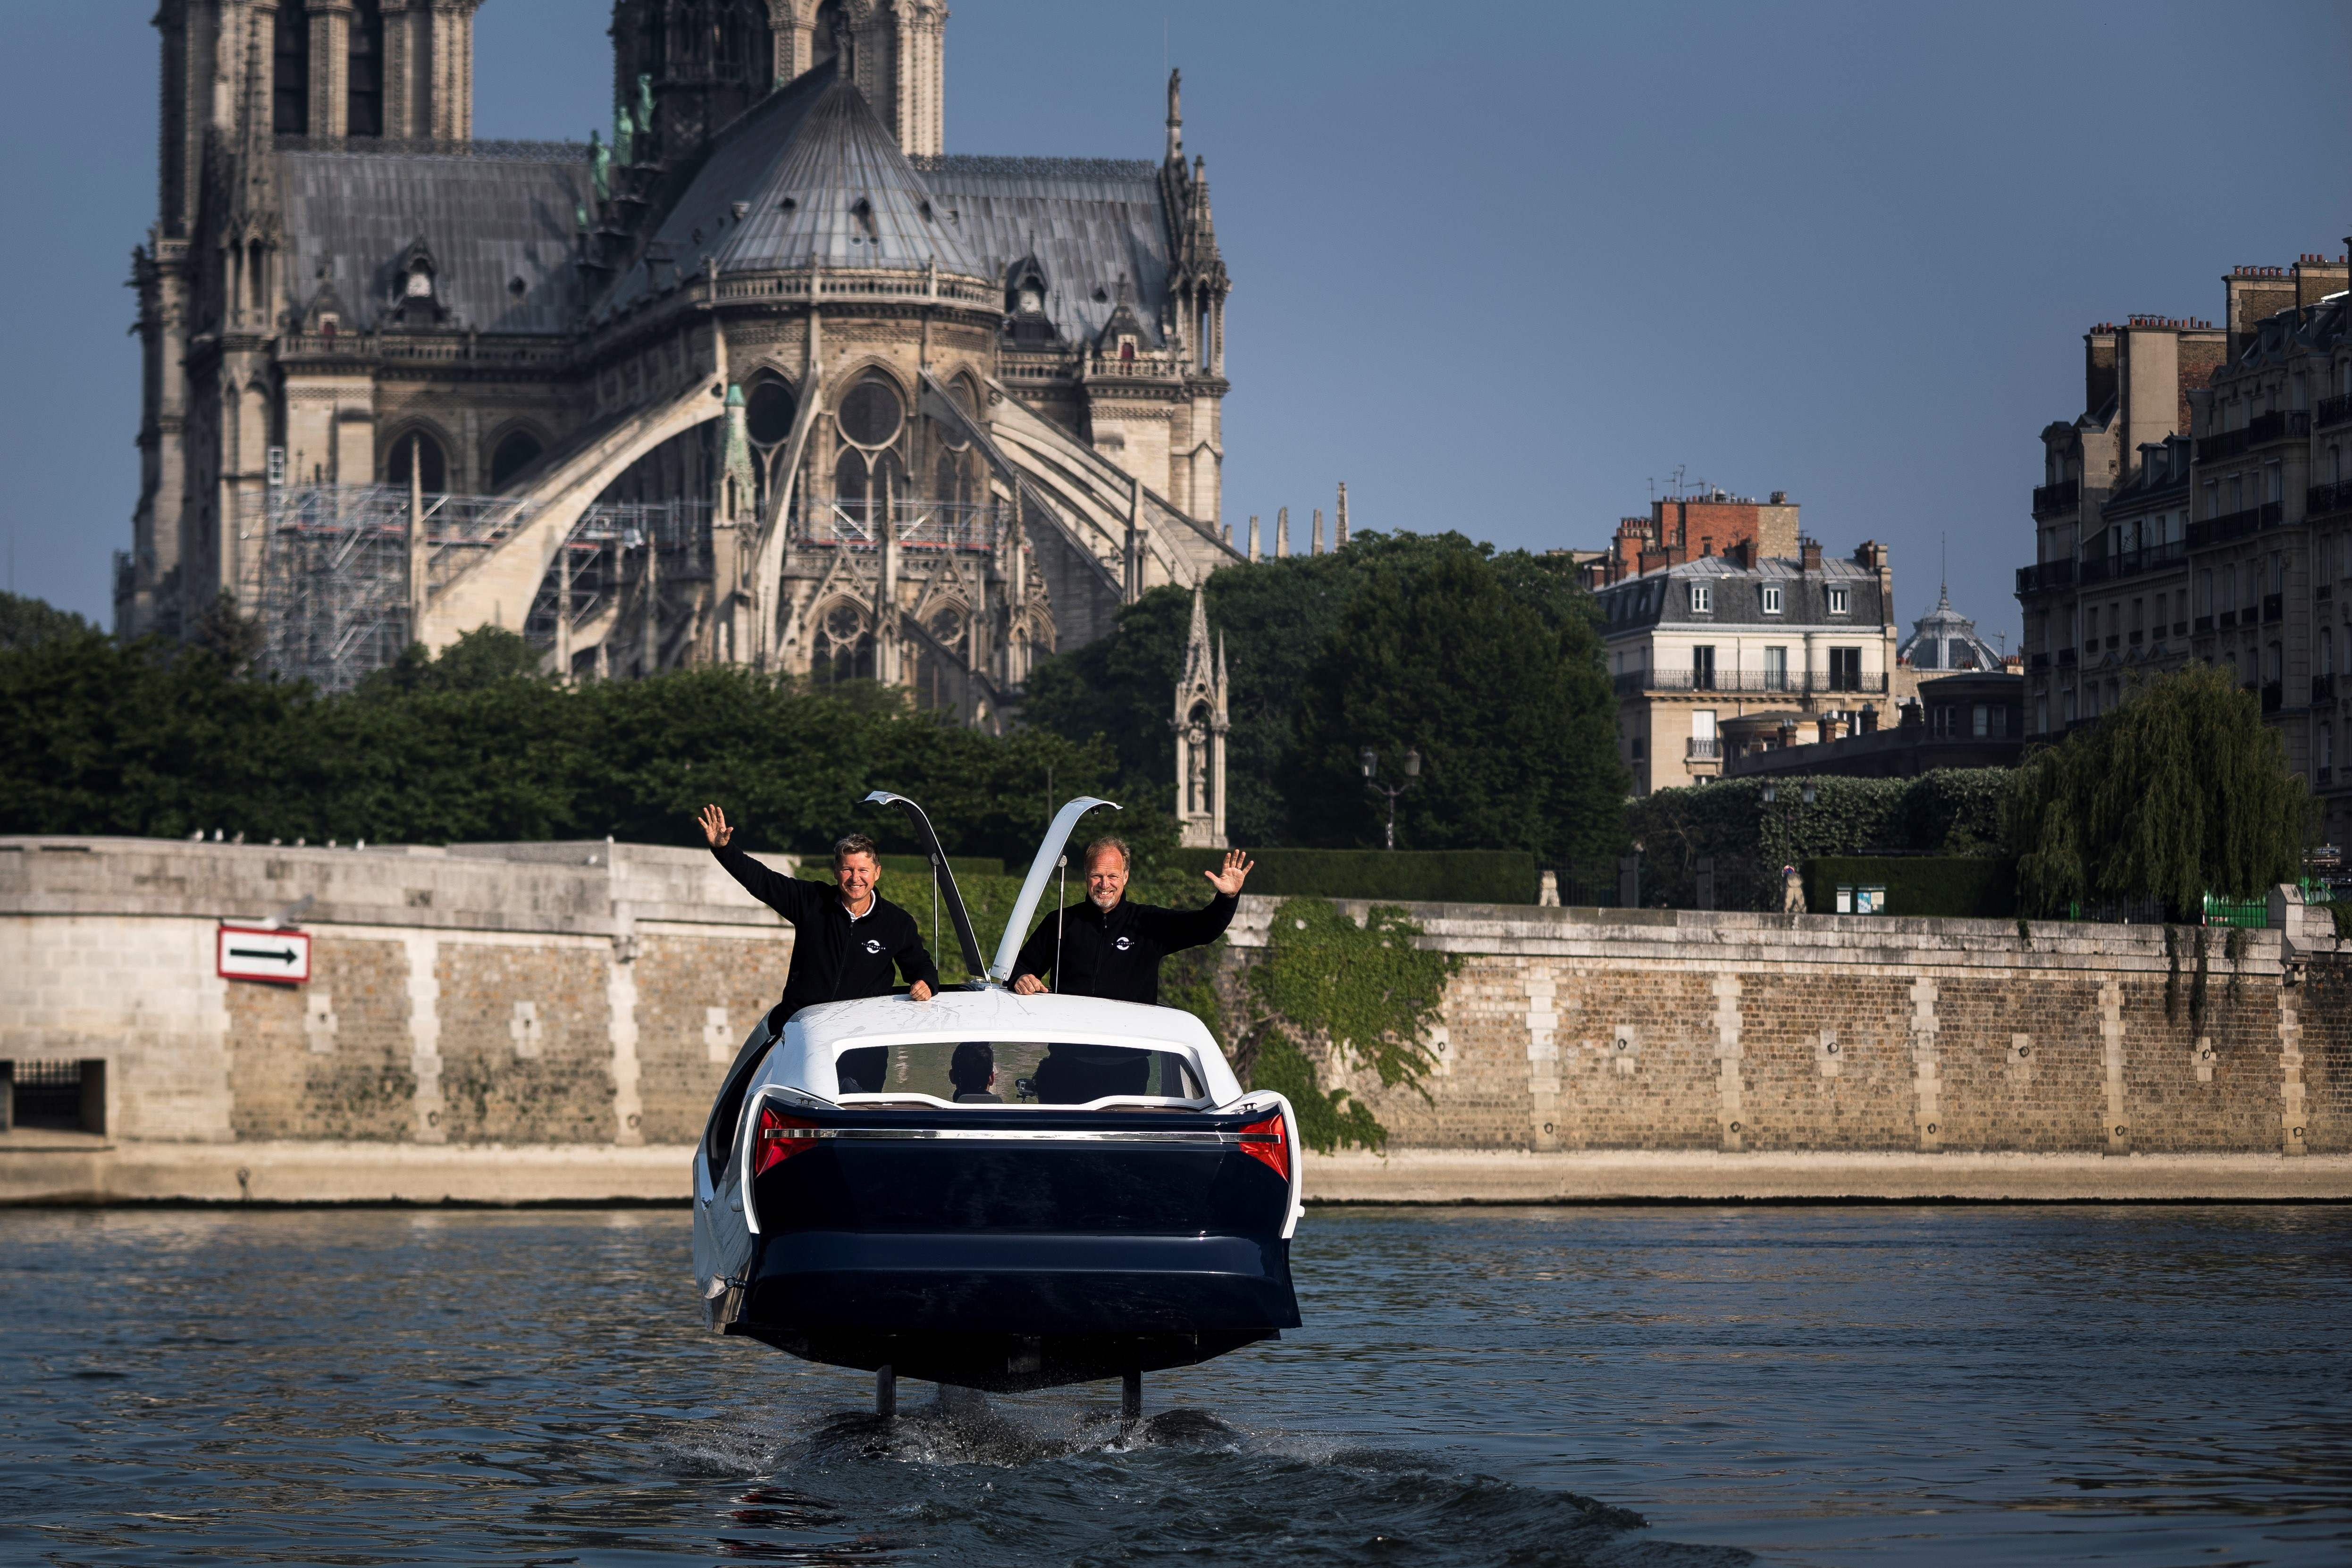 """فرنسا تطلق تاكسى طائر اسمه """"فقاعة البحر"""""""